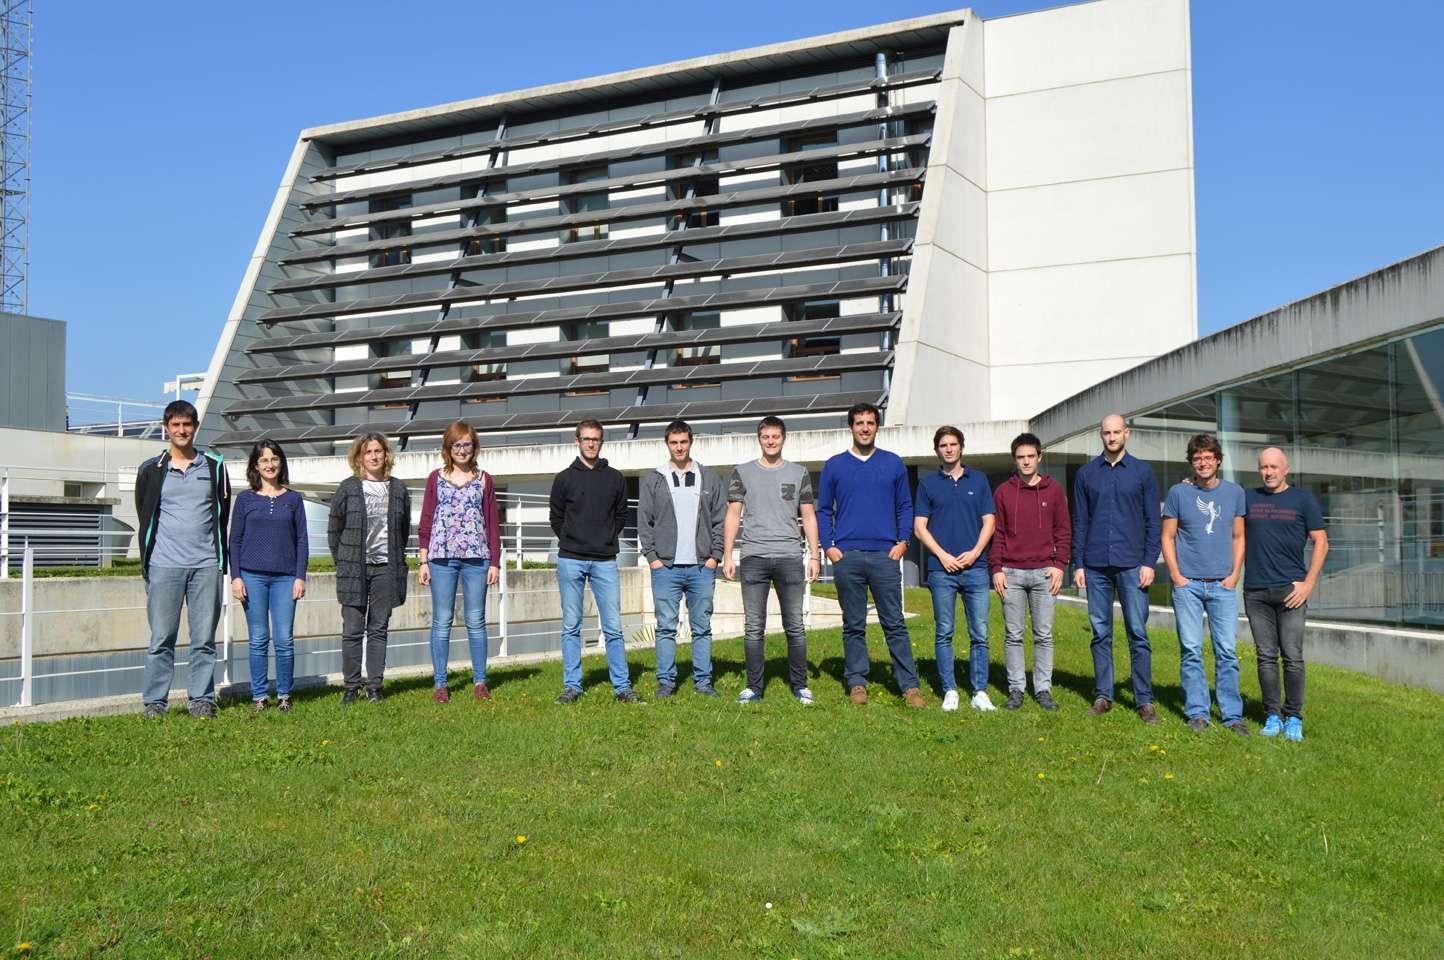 Siete Alumnos De La Cátedra De Energías Renovables De La UPNA Realizan Sus Trabajos Fin De Máster En CENER